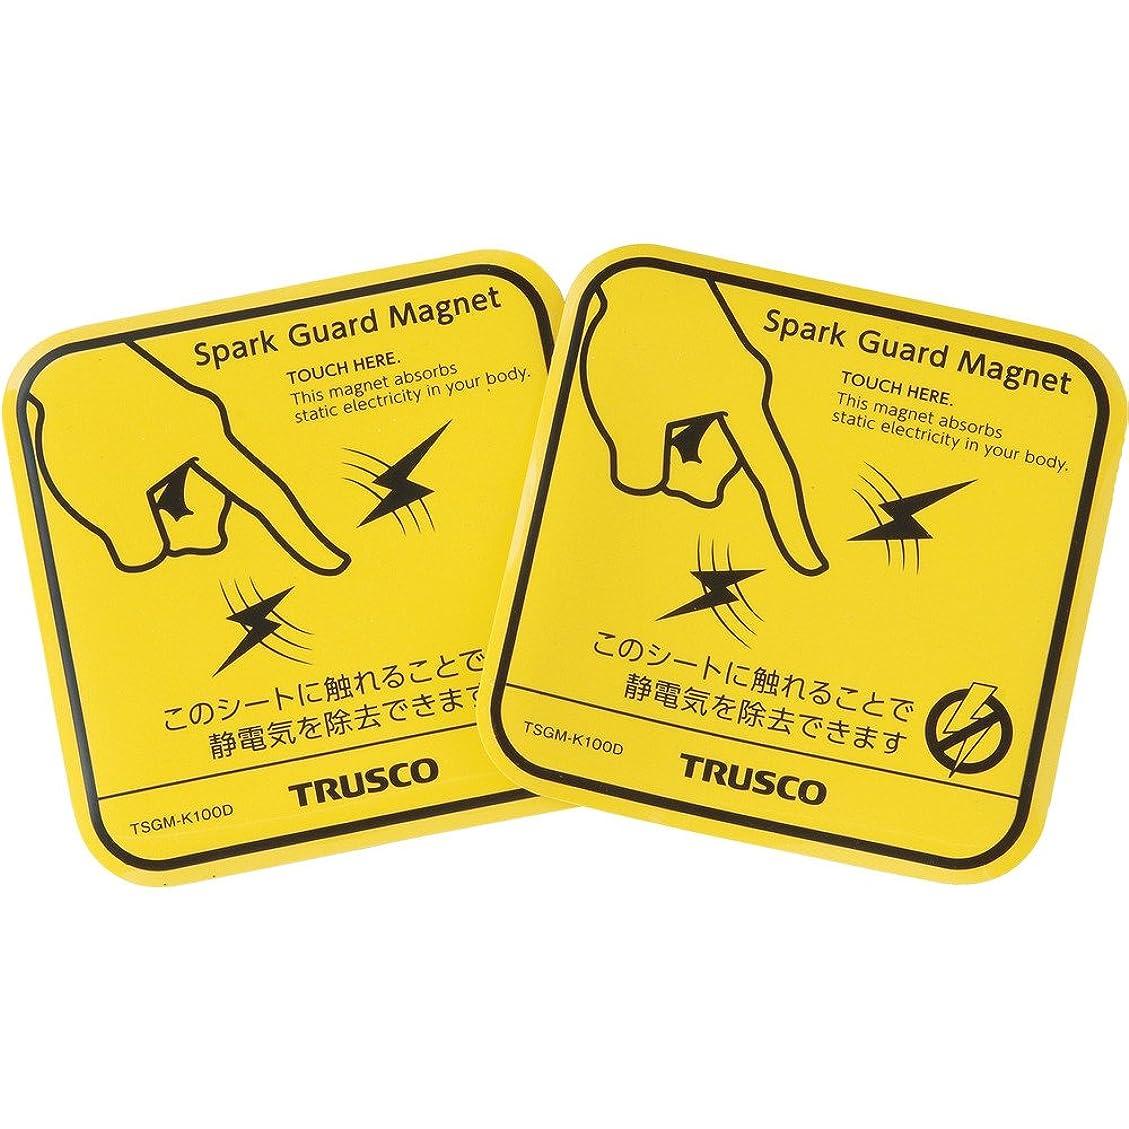 また明日ね爪信仰TRUSCO(トラスコ) スパークガードマグネット100 (2枚入) TSGM-K100D